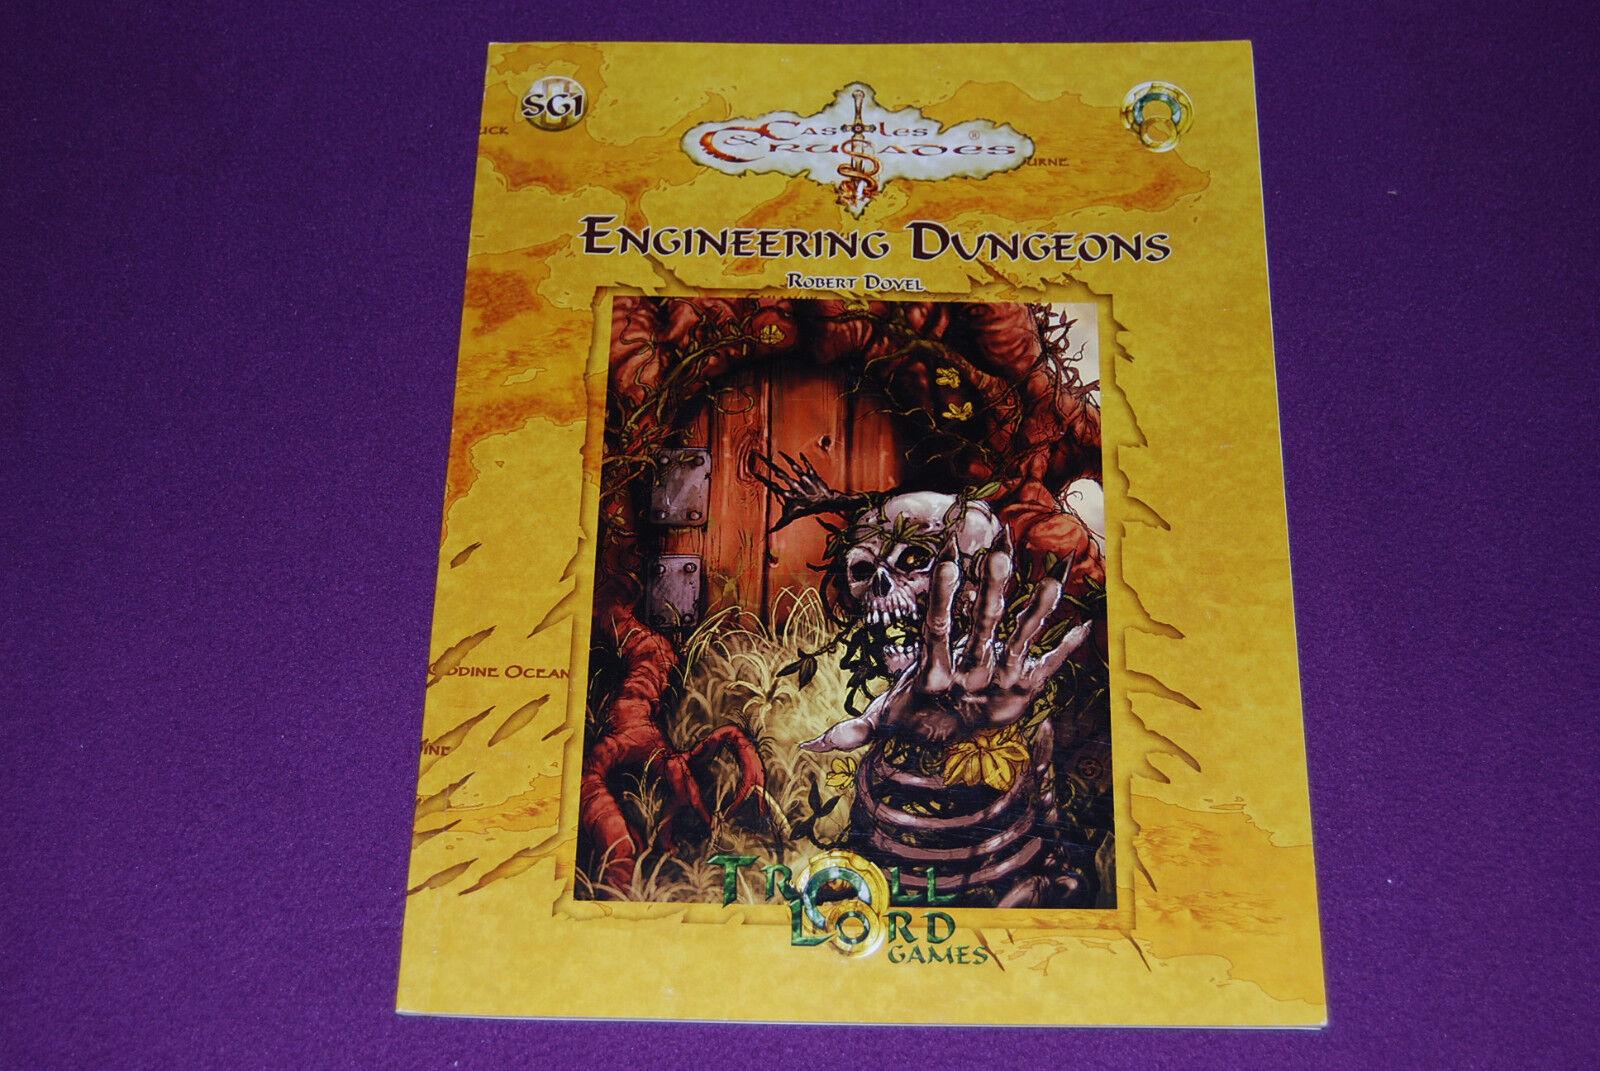 CASTLES & CRUSADES RPG JDR Jeu de Role - - - SG1   Engineering Dungeons 07f4f8